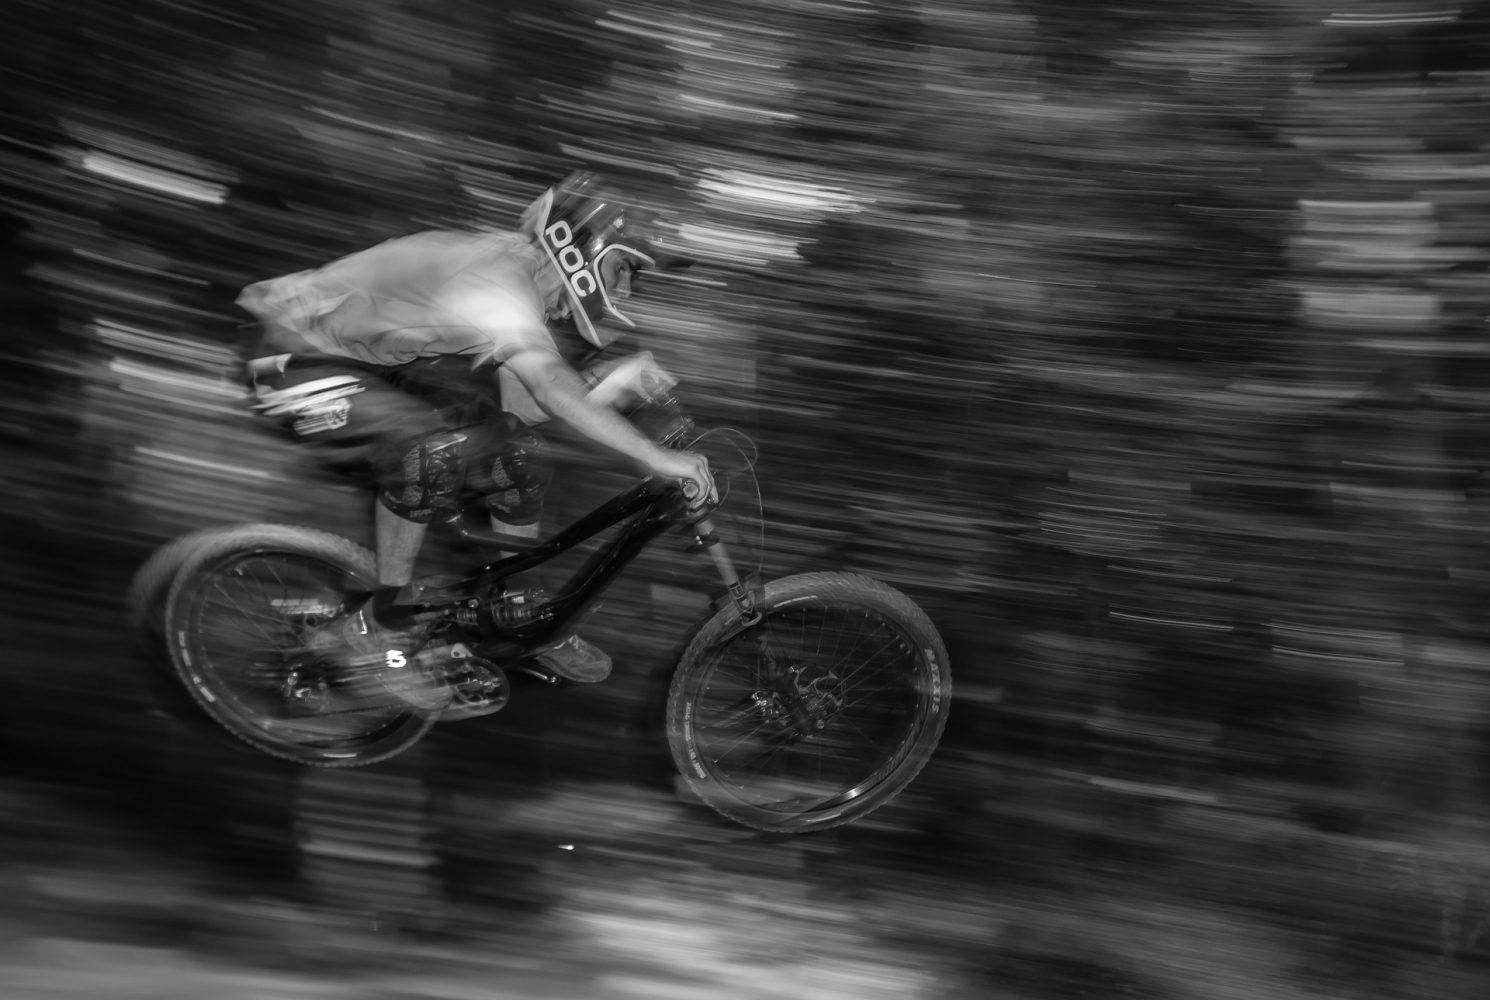 Sistema de amortecimento: salto veloz de bike